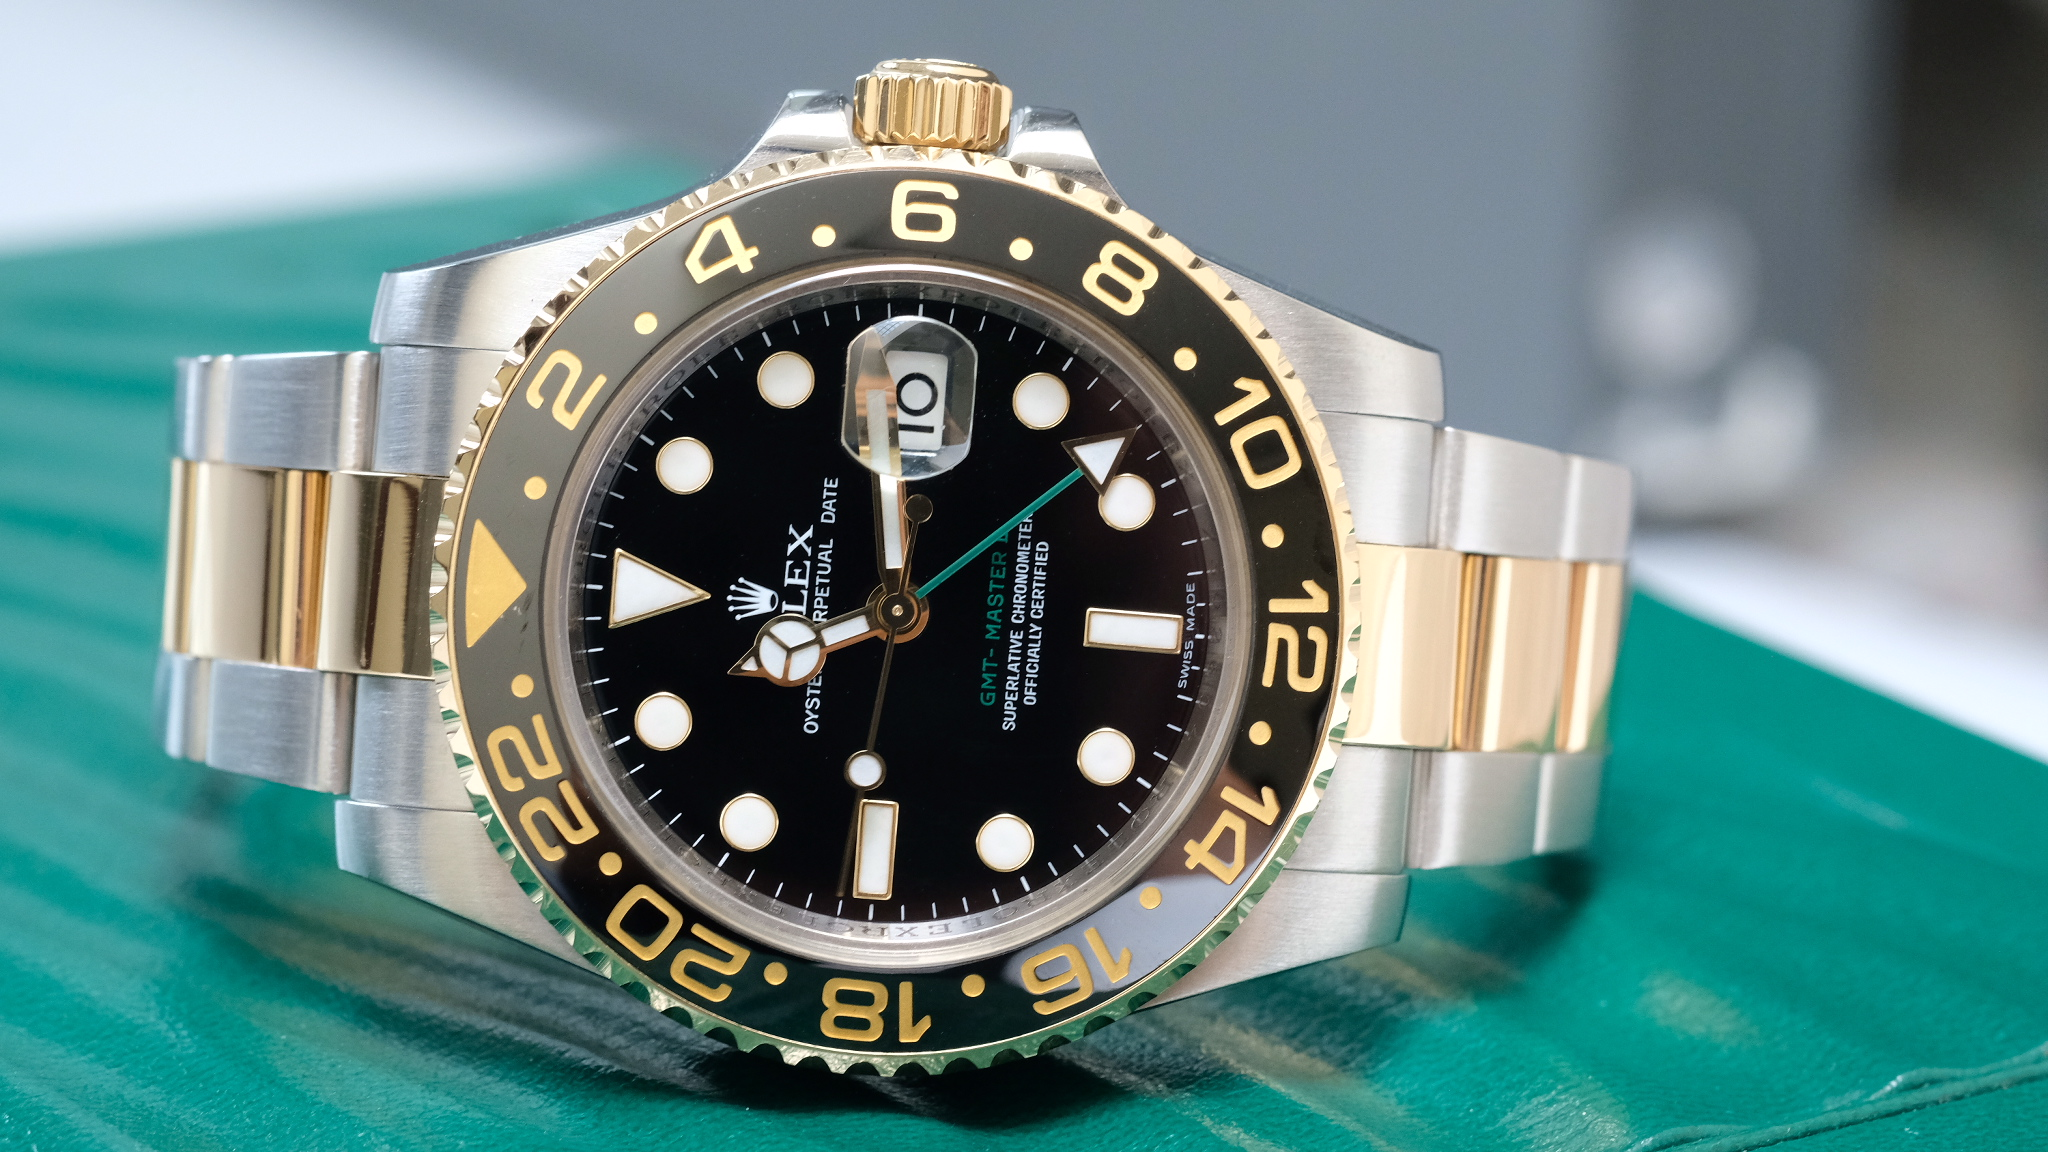 Đồng hồ Rolex GMT Master II 116713LN mặt đen size 40mm